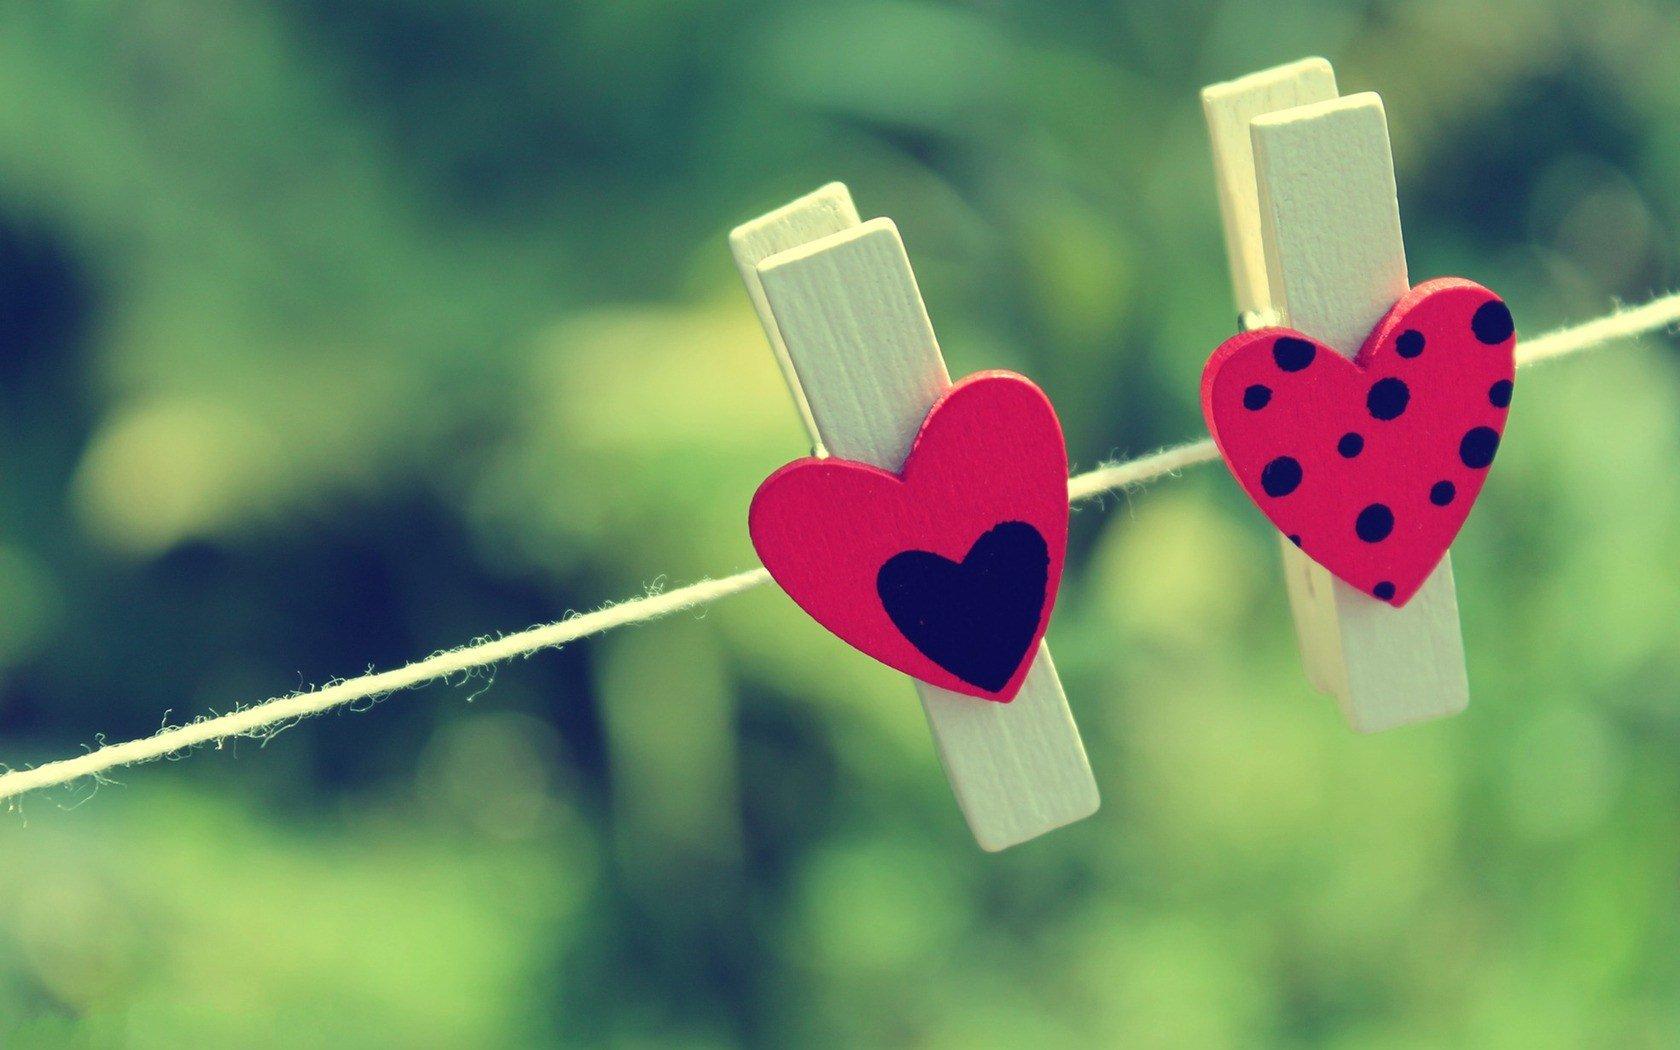 صور قلوب وحب ورومانسية وصورة قلب HD  (39)